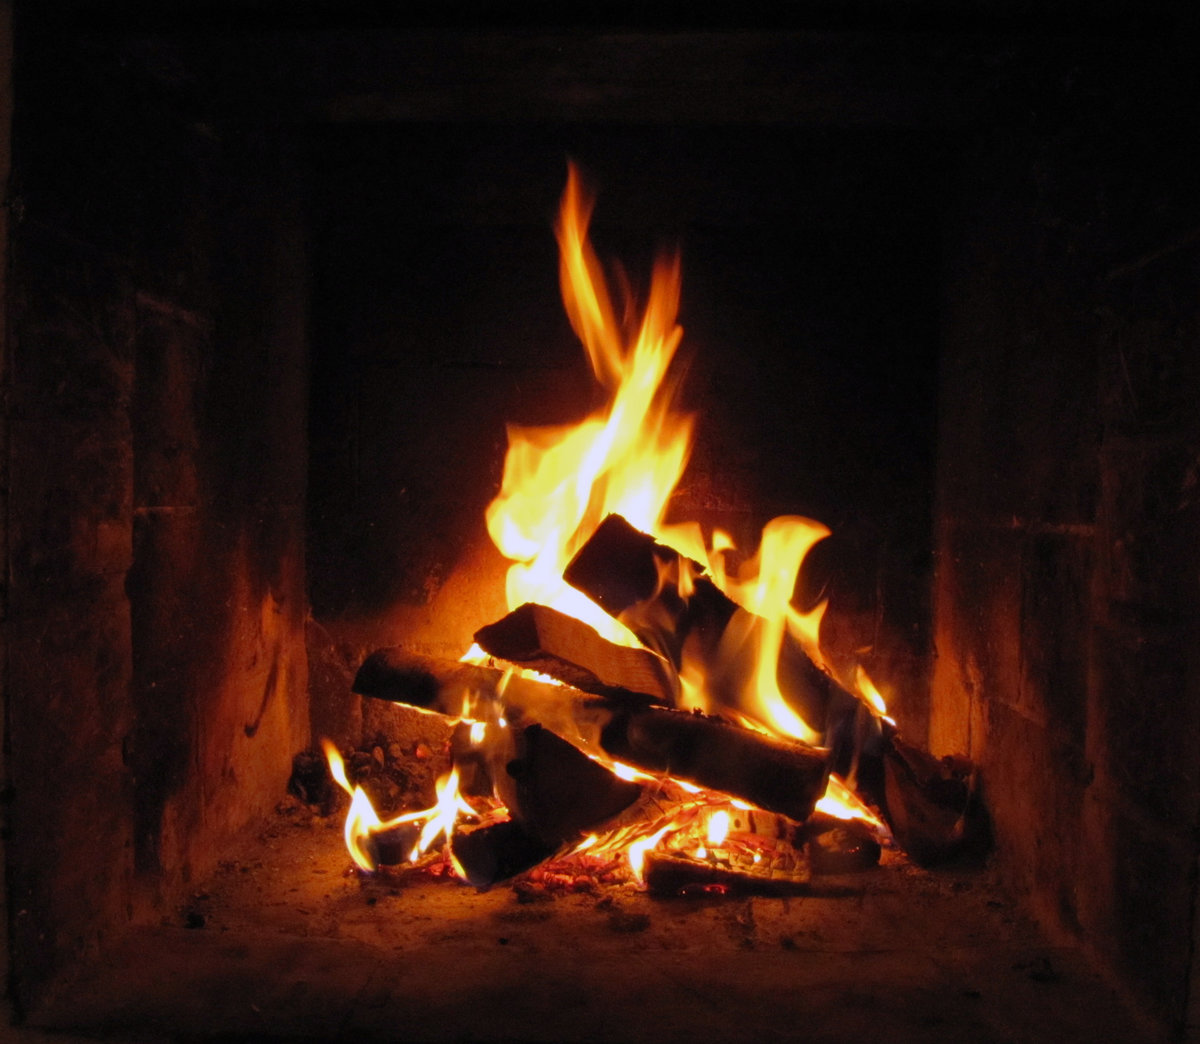 Картинка огня в камине распечатать на белом